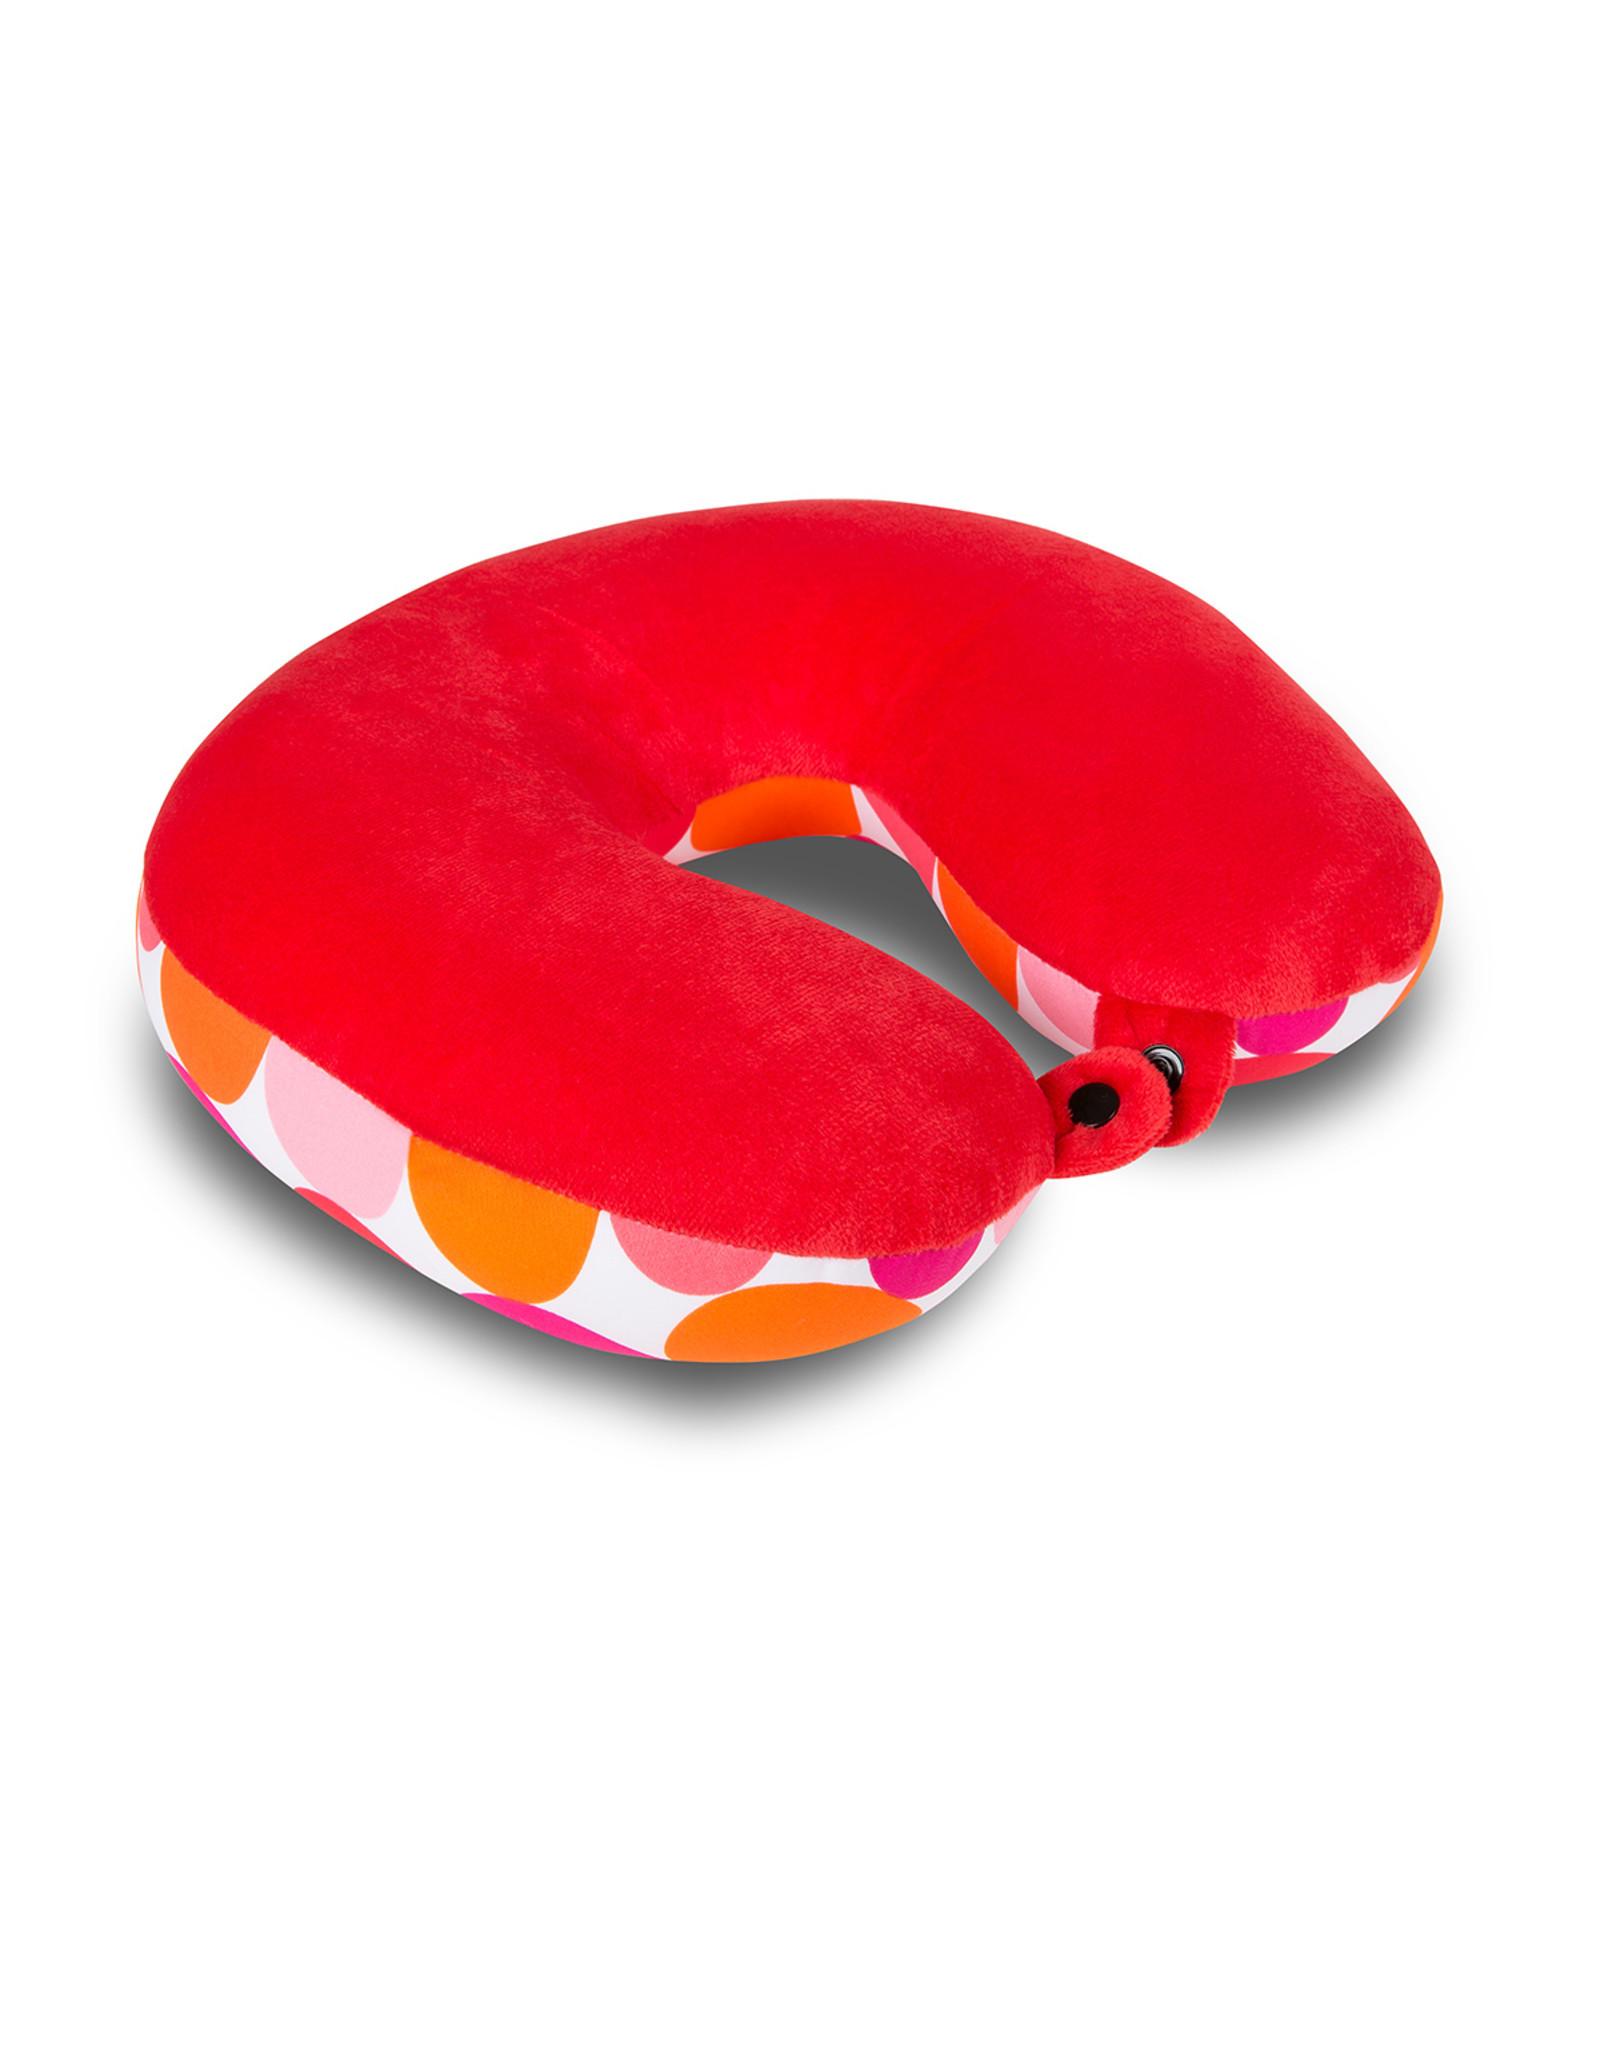 Kuschel-Maxx Kuschel-Maxx - cuscini per il collo Punkte Orange